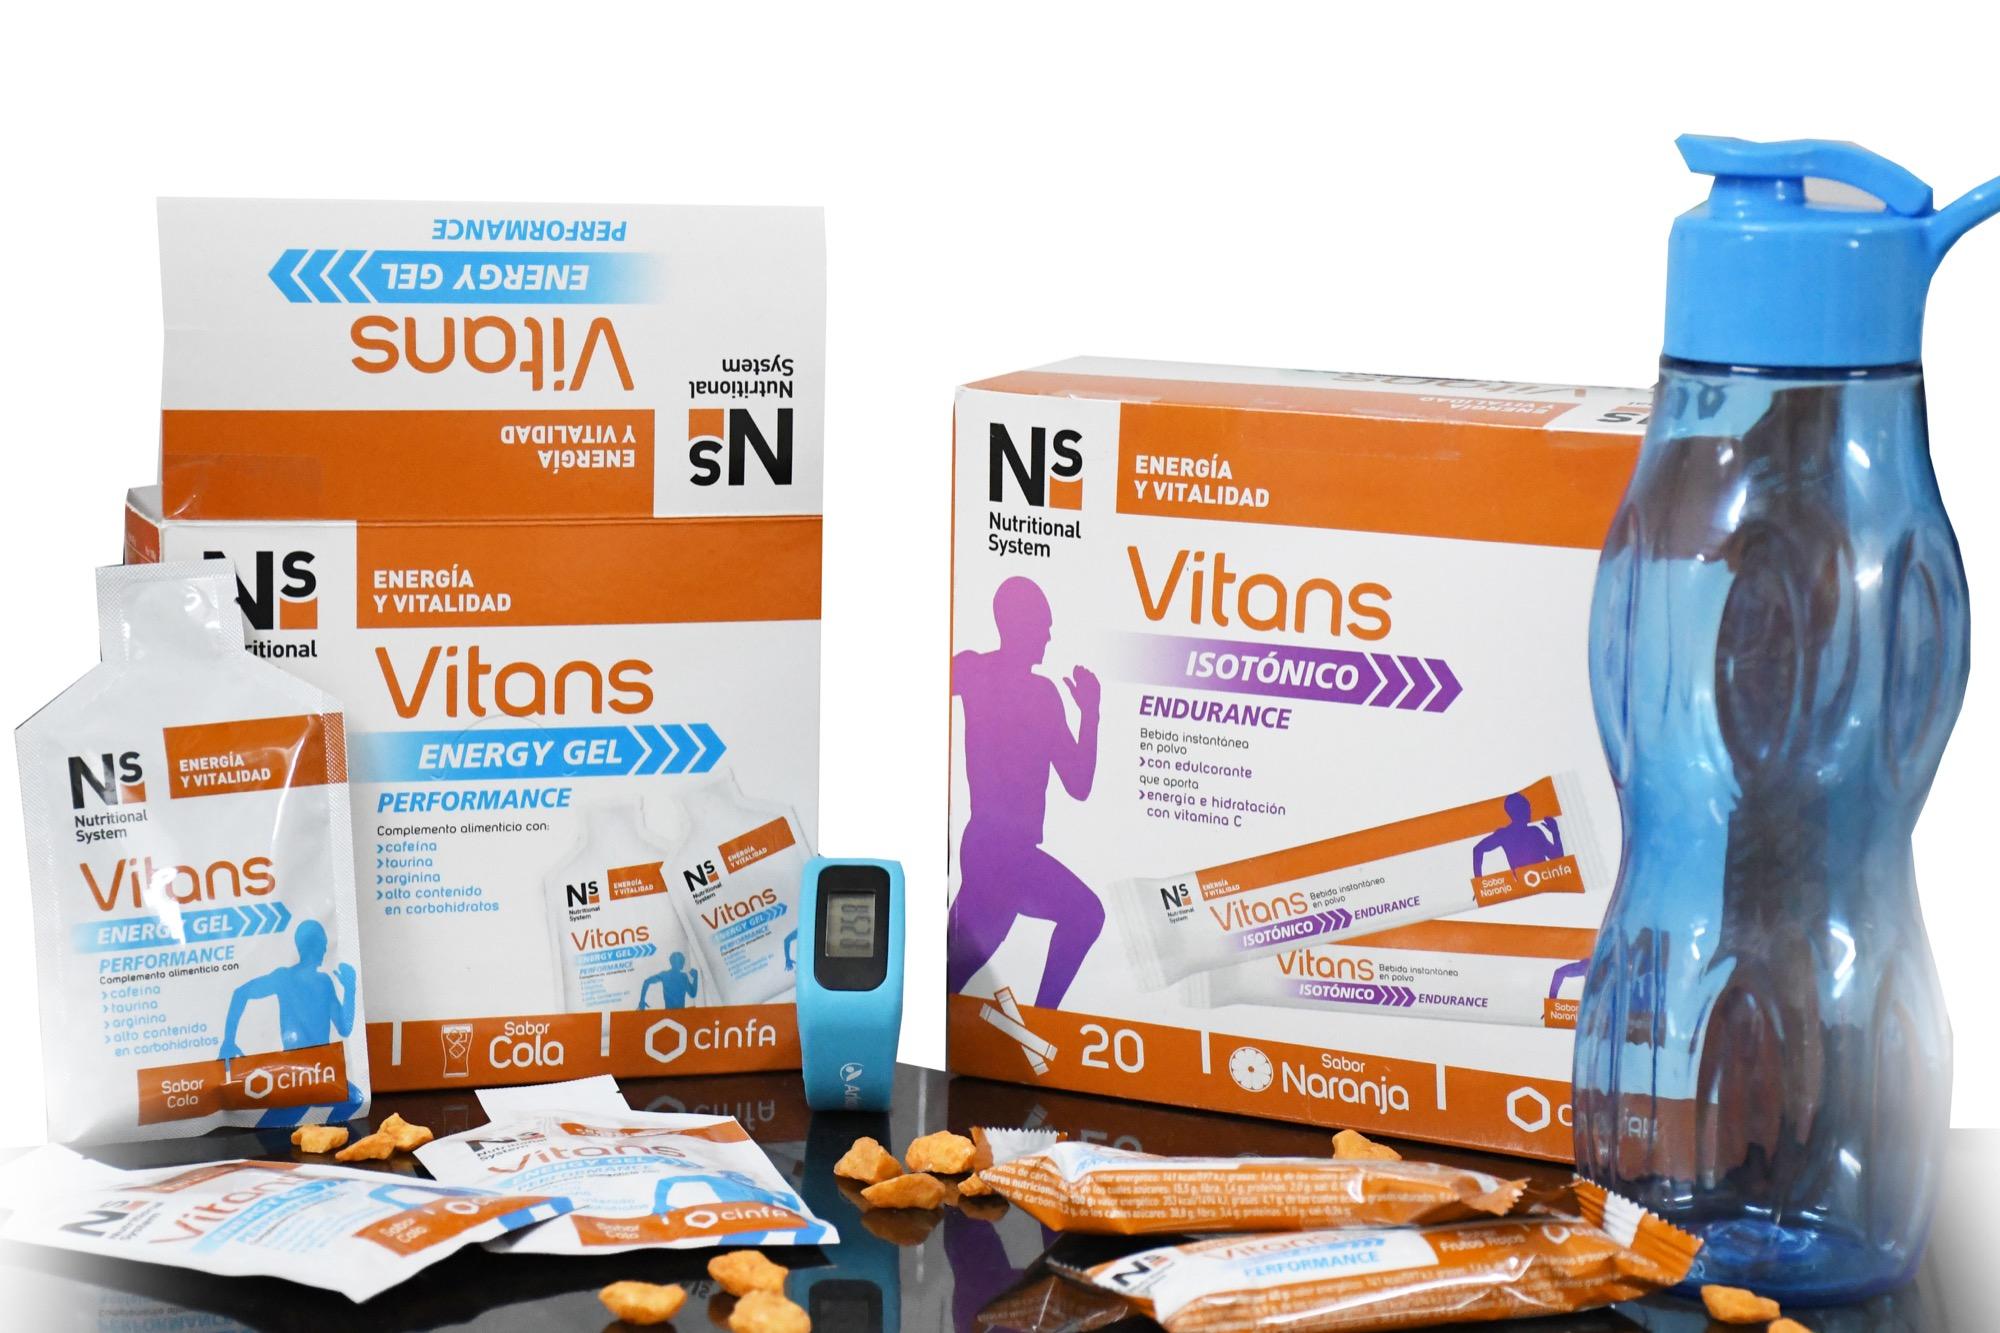 Energía y Viabilidad con NS Vitans Sport